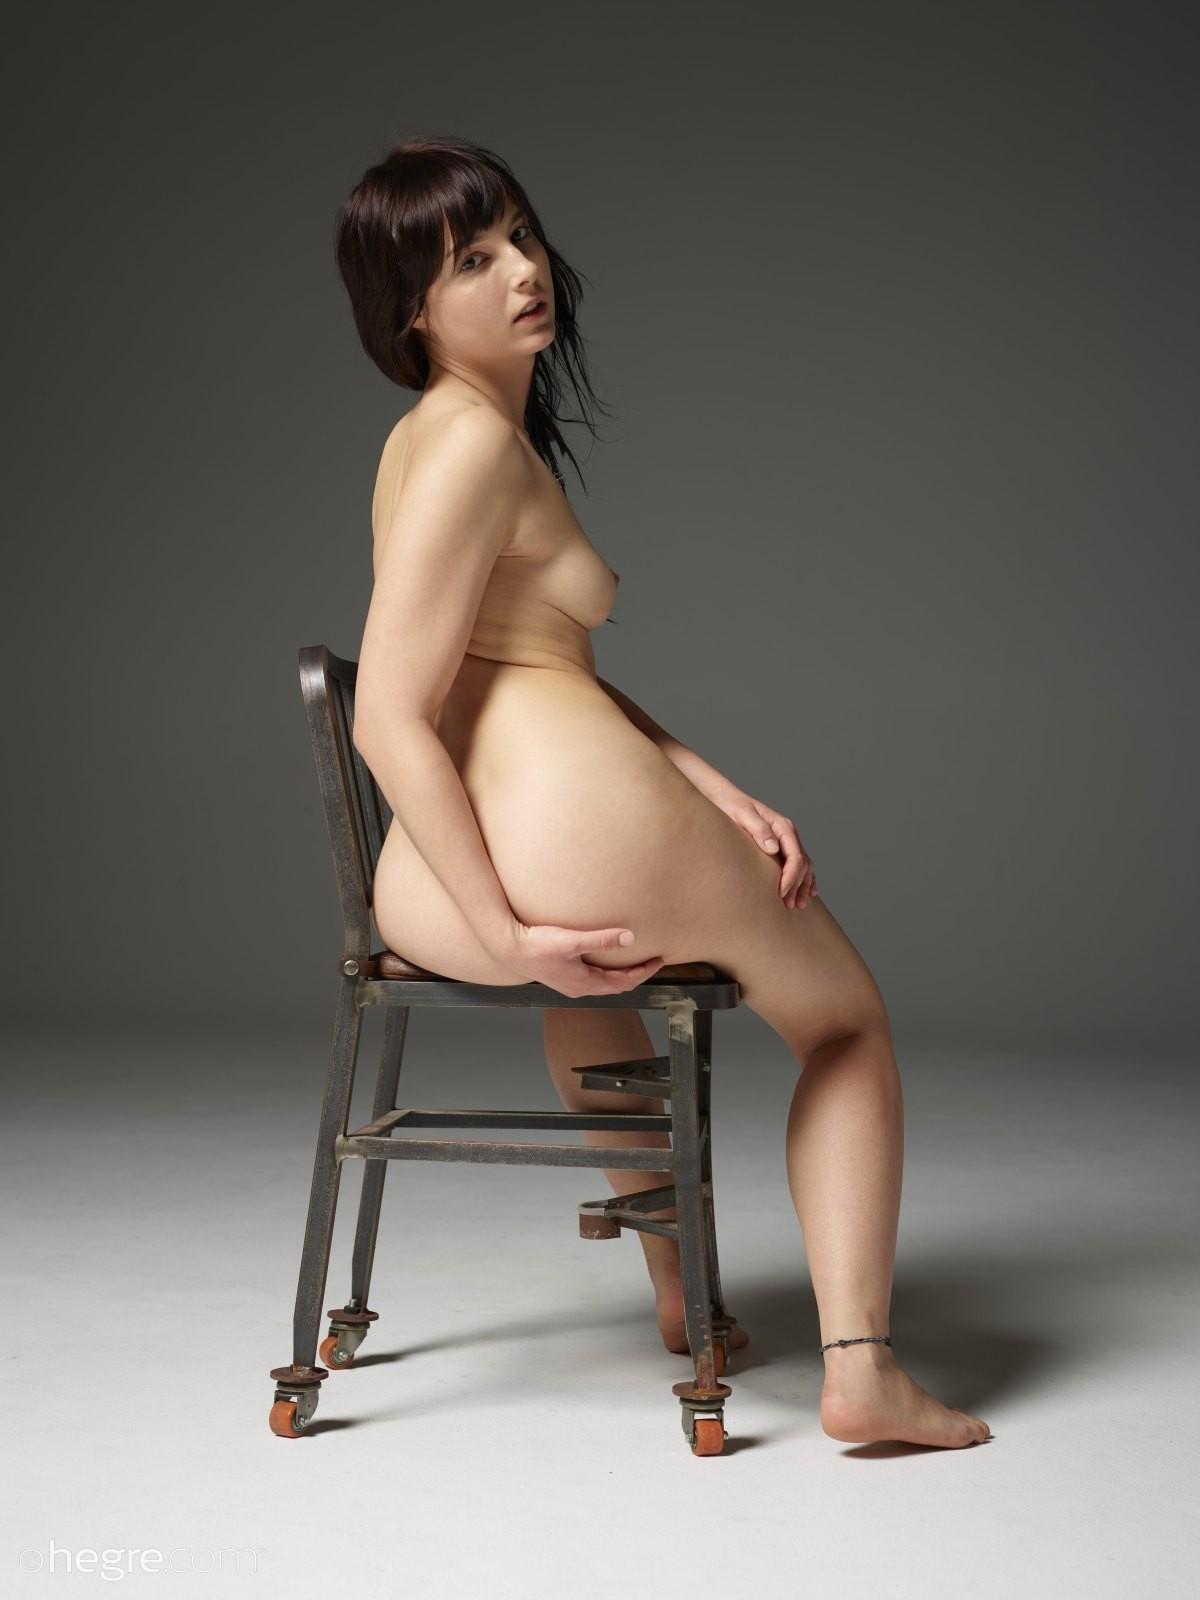 Сексуальная голая девушка меняет позиции на стуле - фото